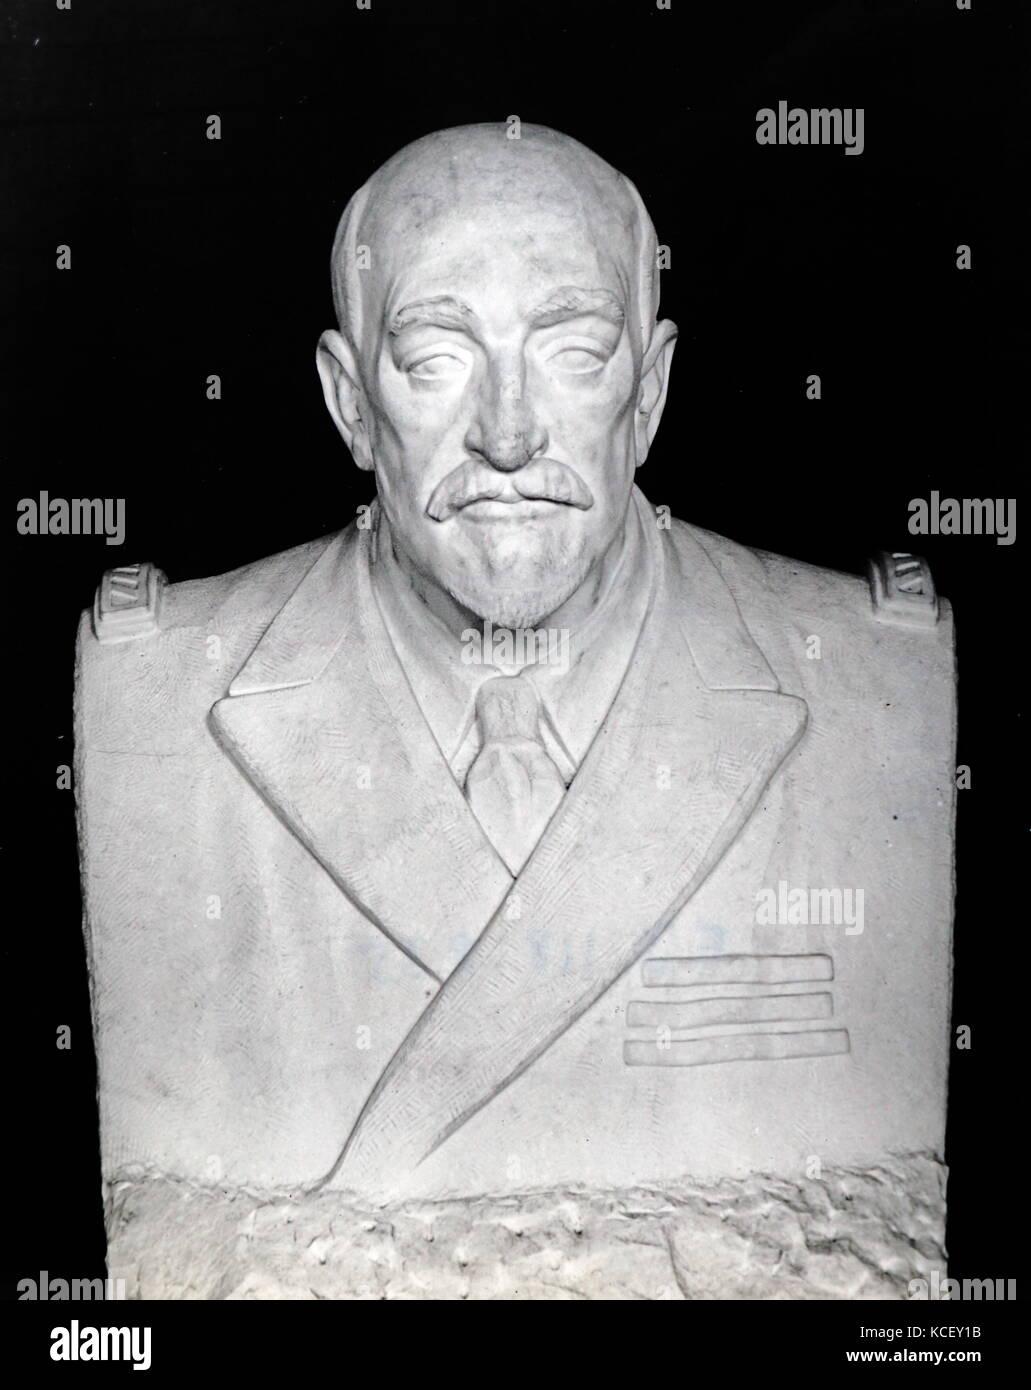 Büste von Jean Martin charcot (1825-1893), französischer Neurologe und Professor für pathologische Stockbild